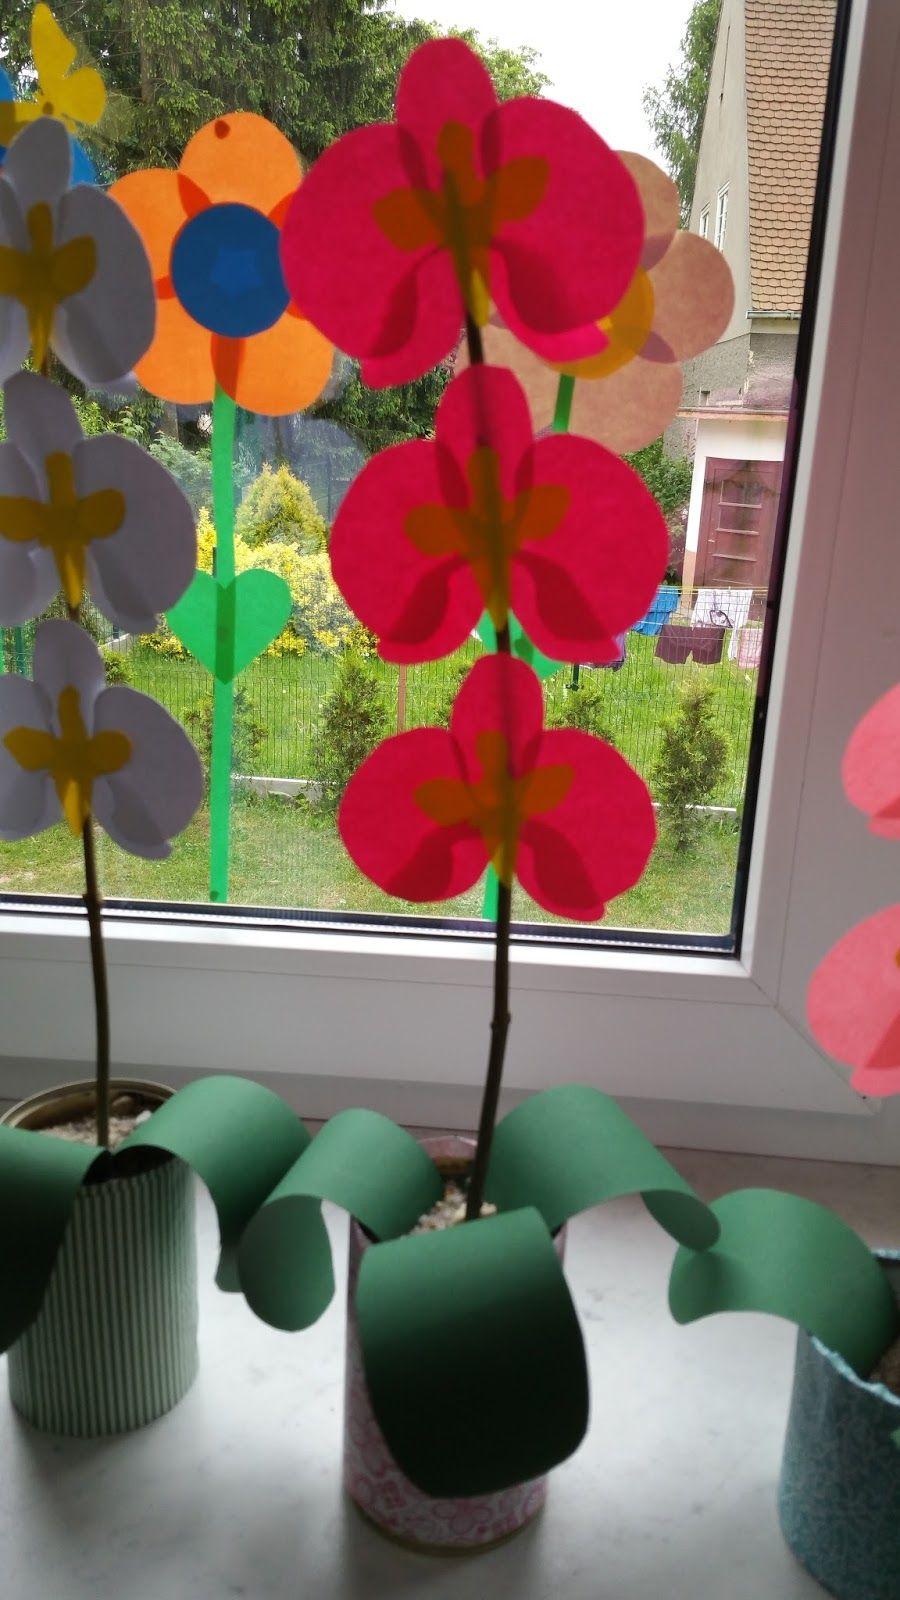 W Grupie Pomysly Na Prace Plastyczne Na Fb Znalazlam Bardzo Fajny Pomysl Na Prezenty Dla Mamy Te Piekne Party Paper Flowers Flower Crafts Diy Arts And Crafts